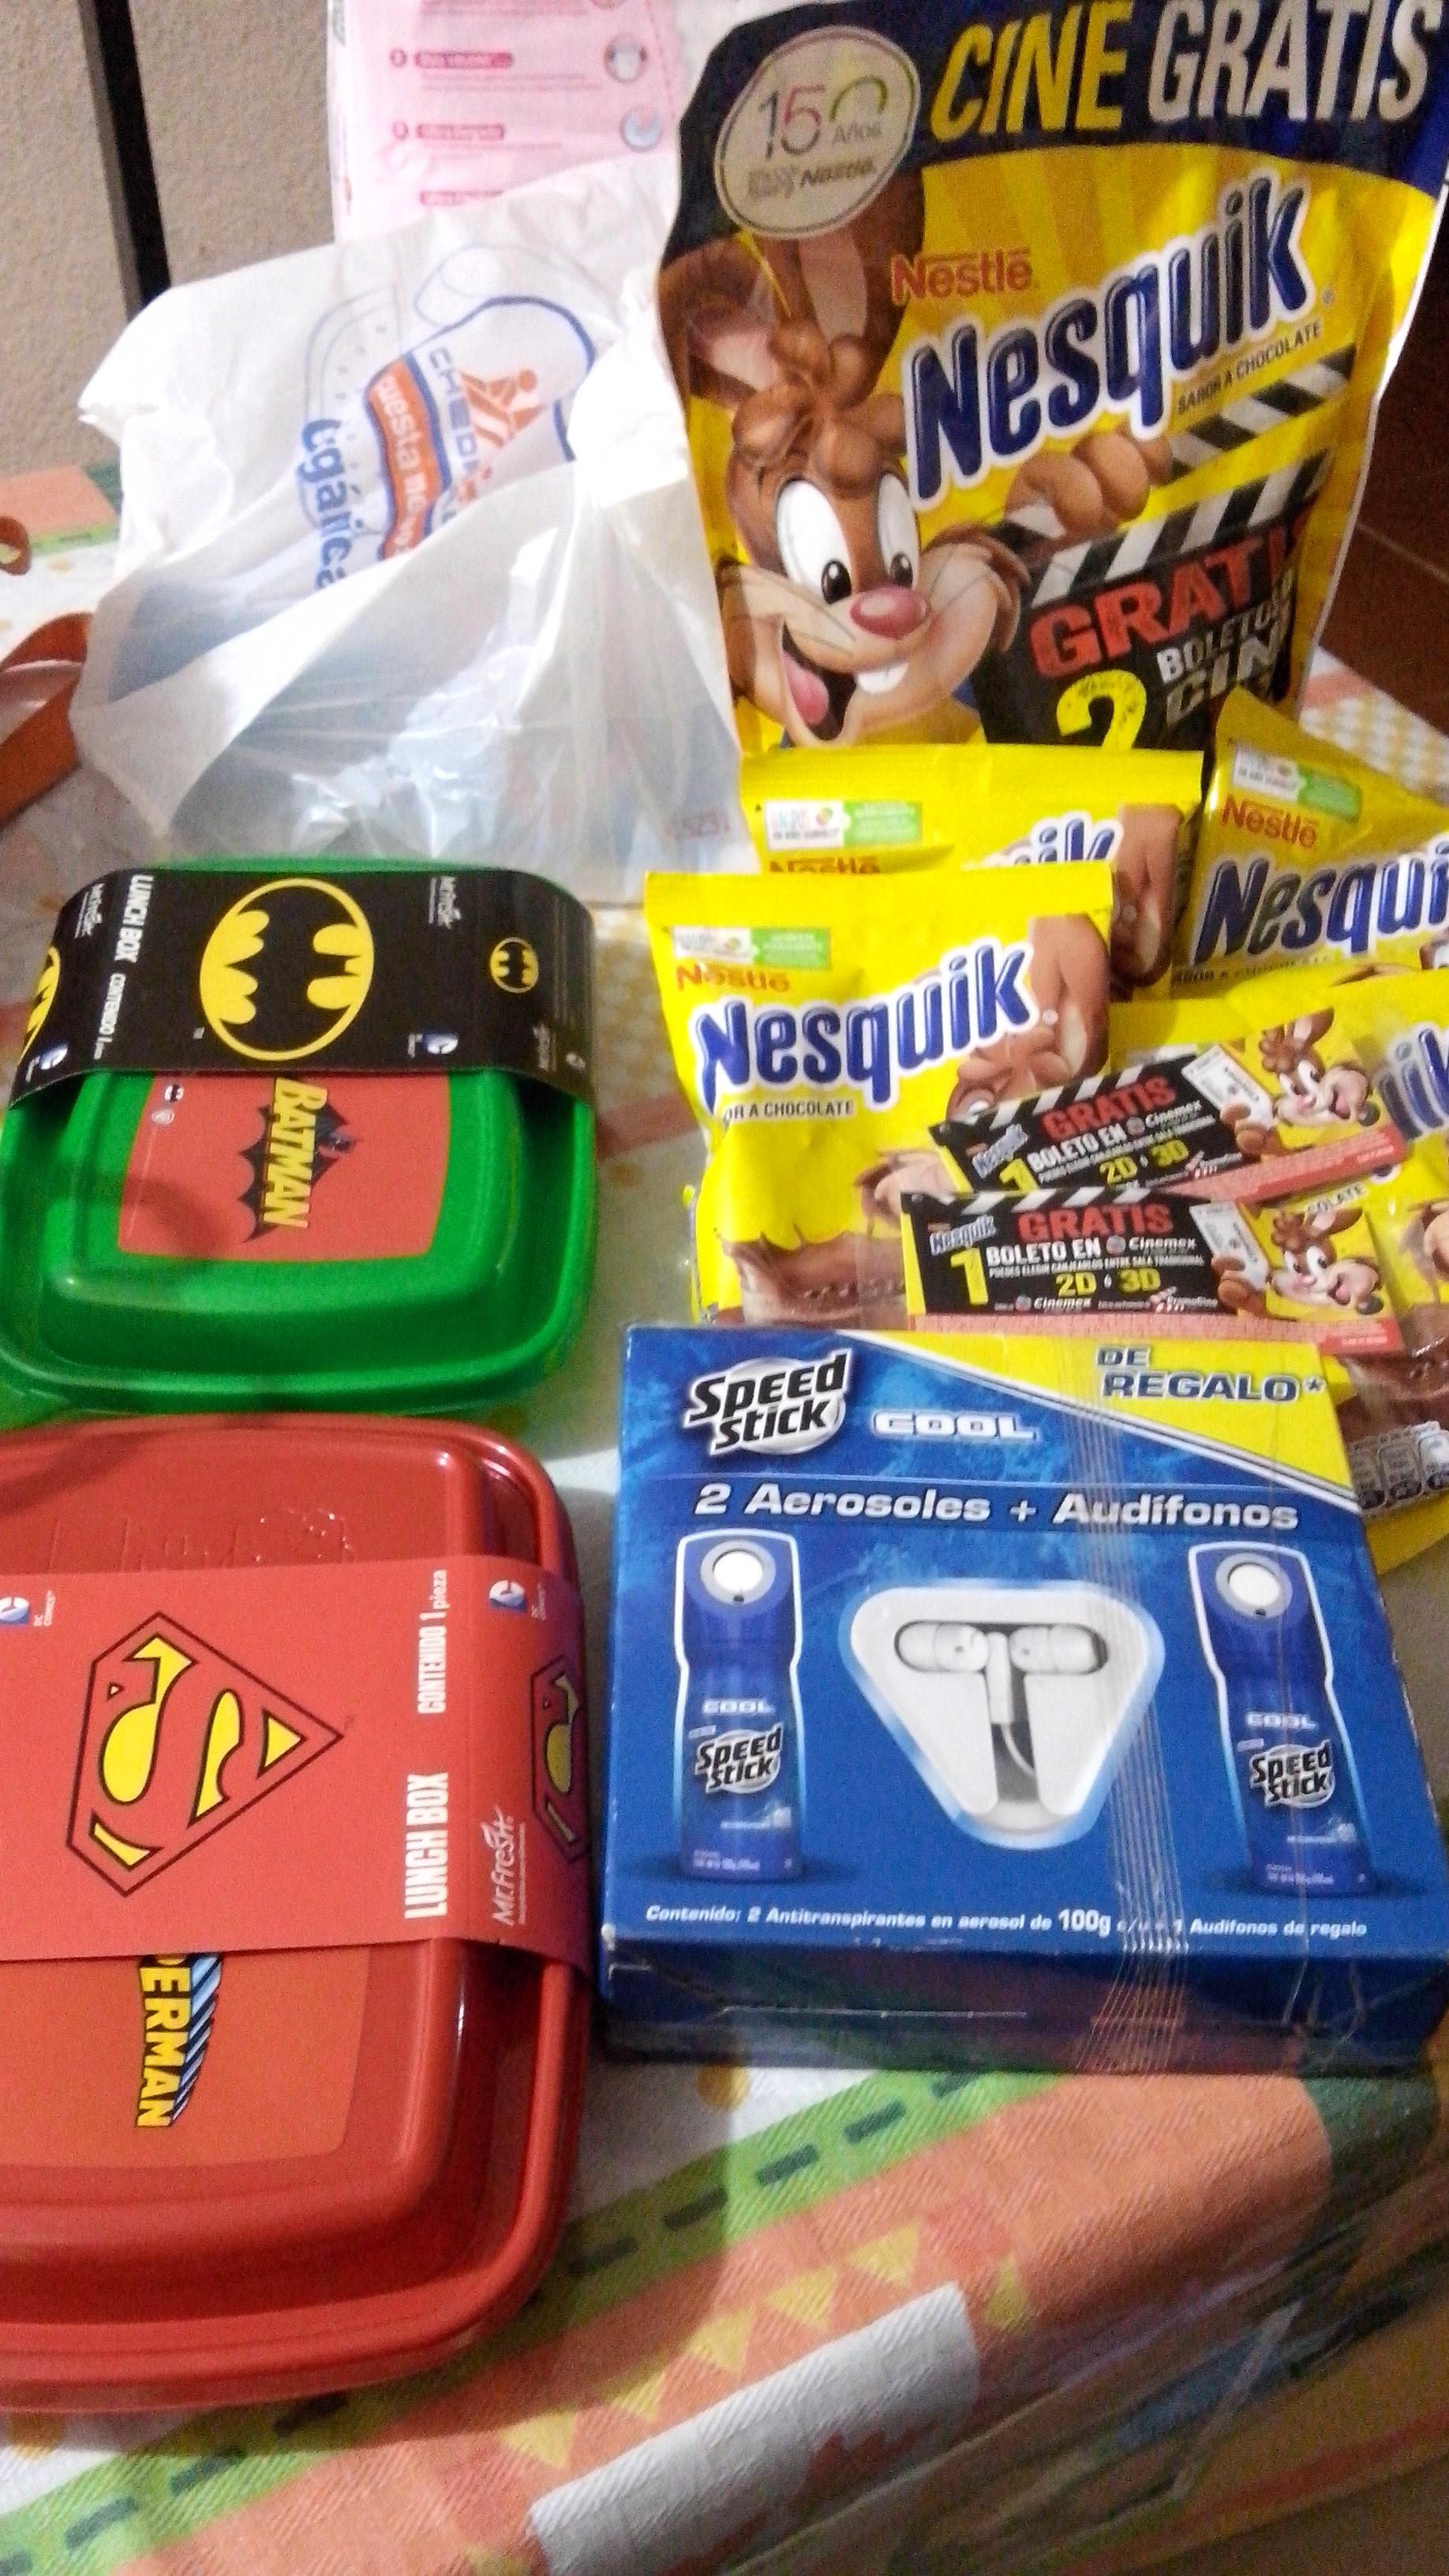 Chedraui Cd. Labor: 2 desodorantes en aerosol Speed Stick + audífonos a $4.05, 2 boletos p/cine en 3d o 2d+4 bolsas de Nesquick $19 y más